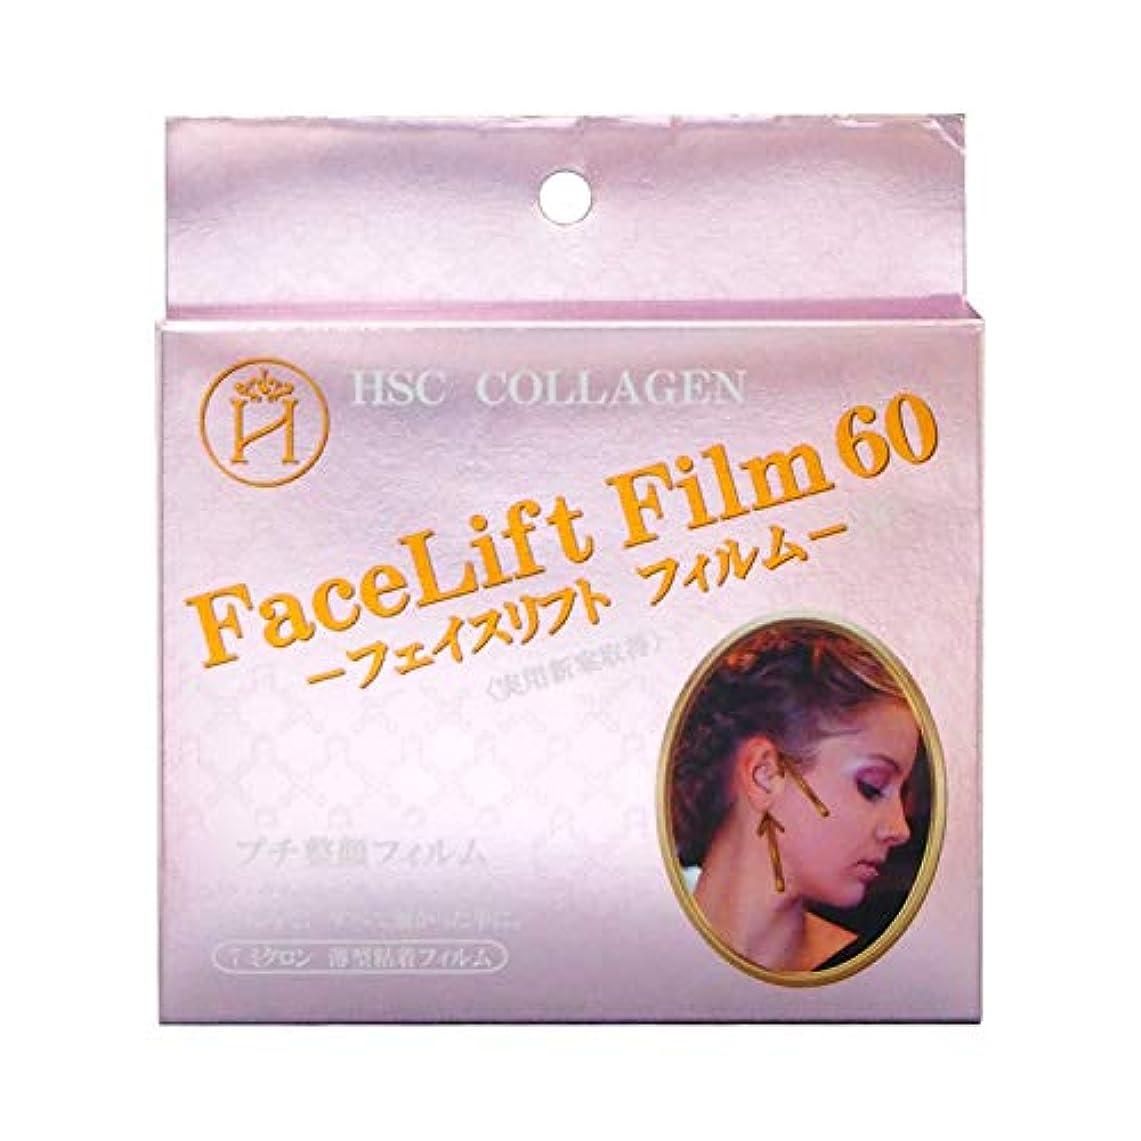 達成する消毒剤生まれフェイスリフトフィルム60 たるみ テープ 引き上げ 透明 目立たない フェイスライン